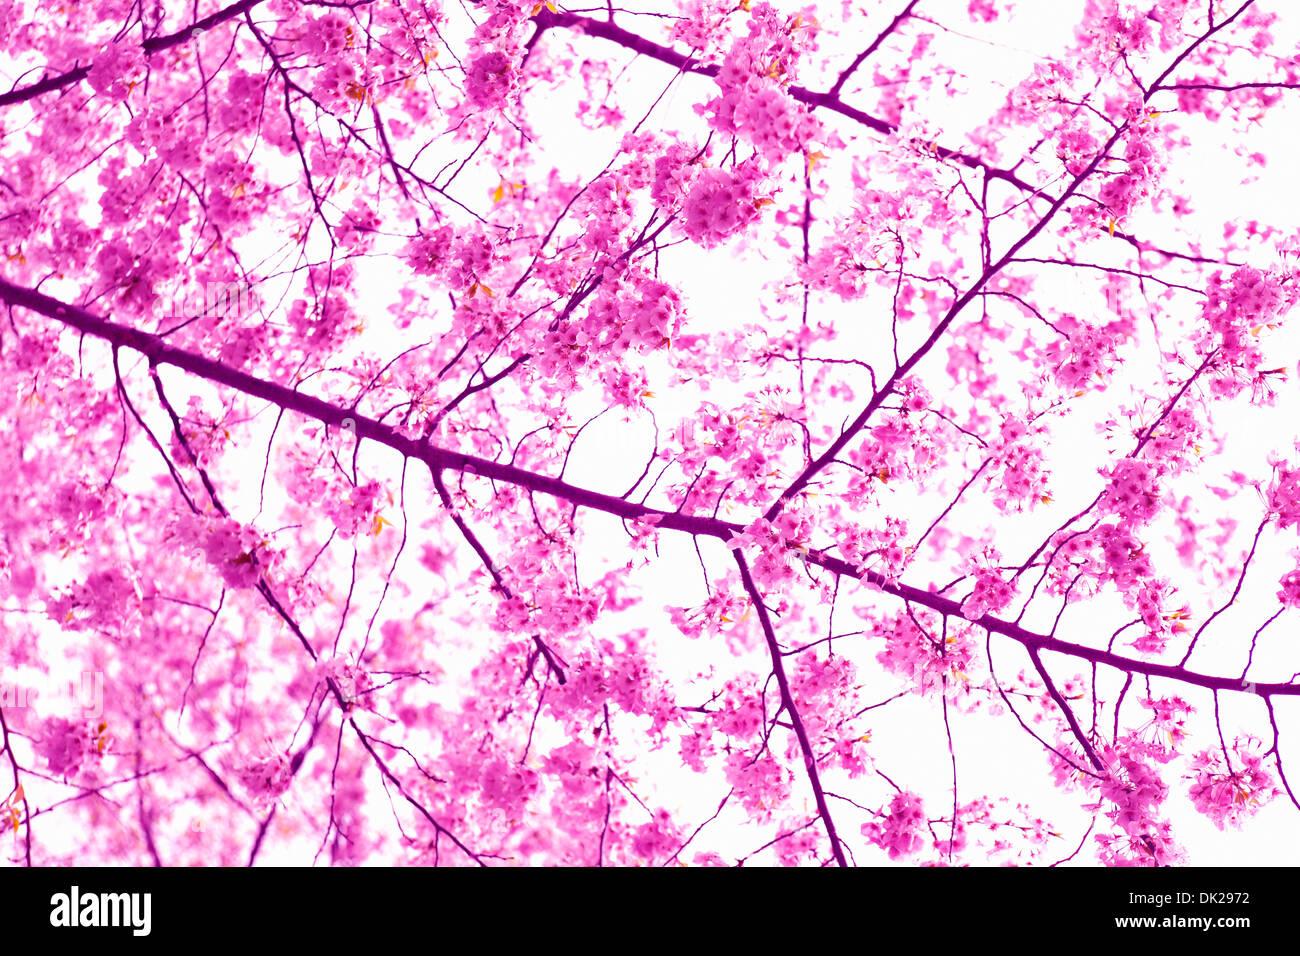 Chiudere fino a basso angolo di visione di rosa fiori di ciliegio sul ramo di primavera Immagini Stock